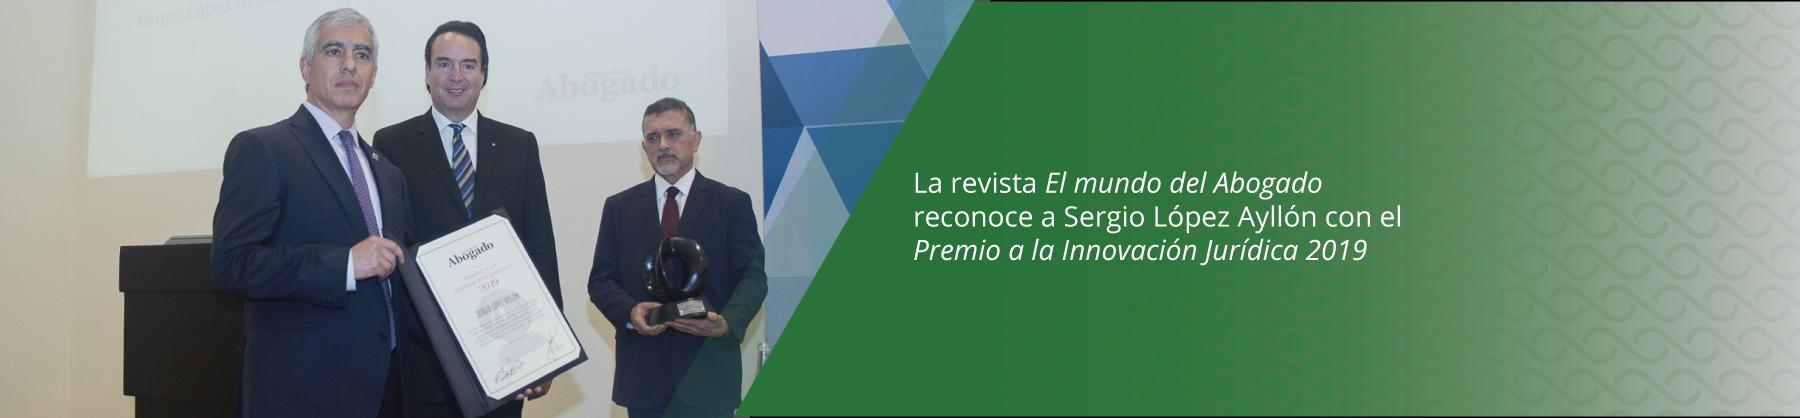 Banner-de-reconocimiento-a-Sergio-López-Ayllón